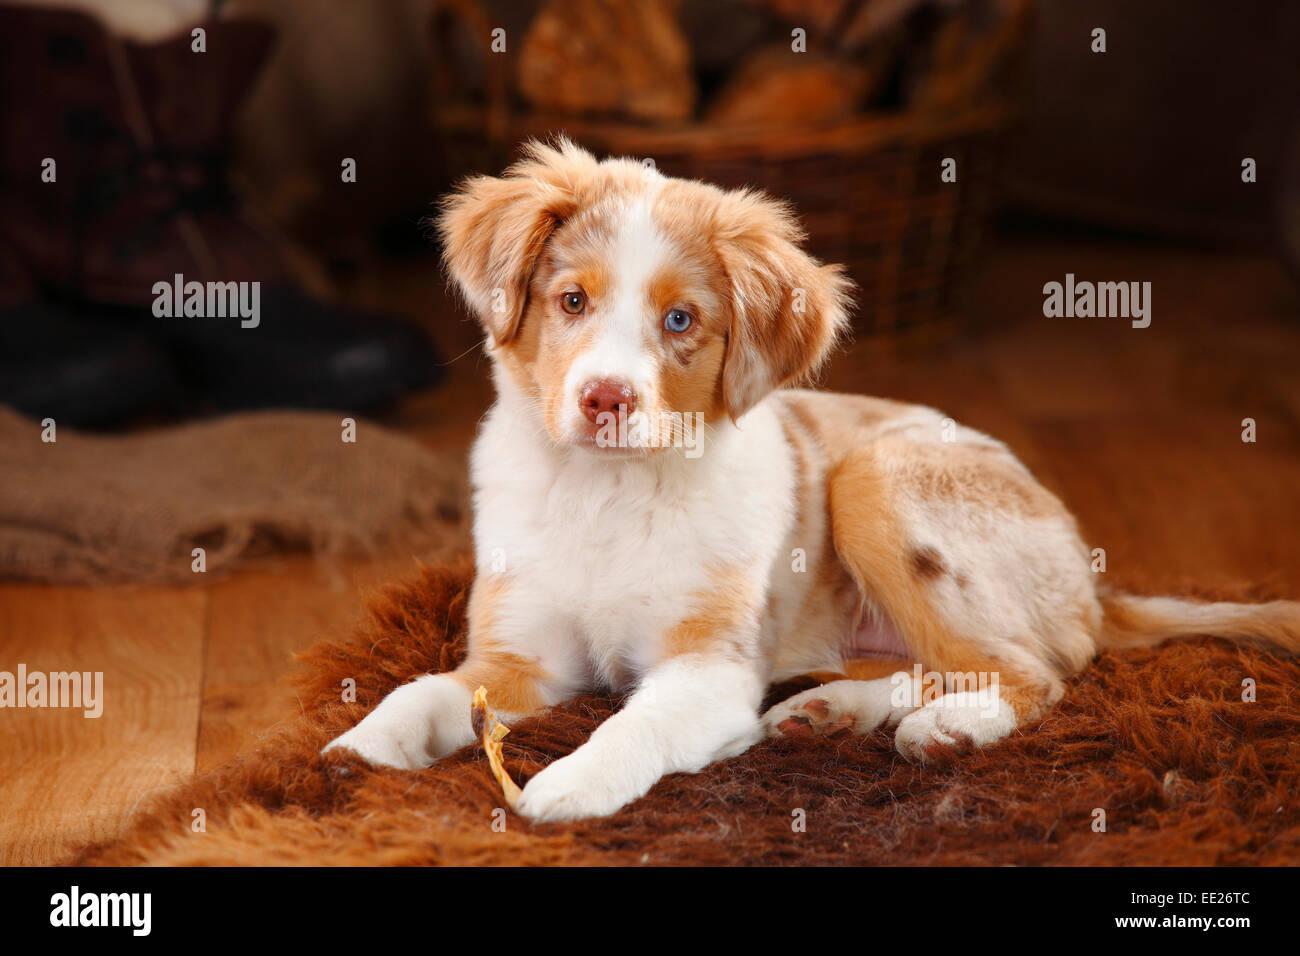 Australian shepherd red merle puppy